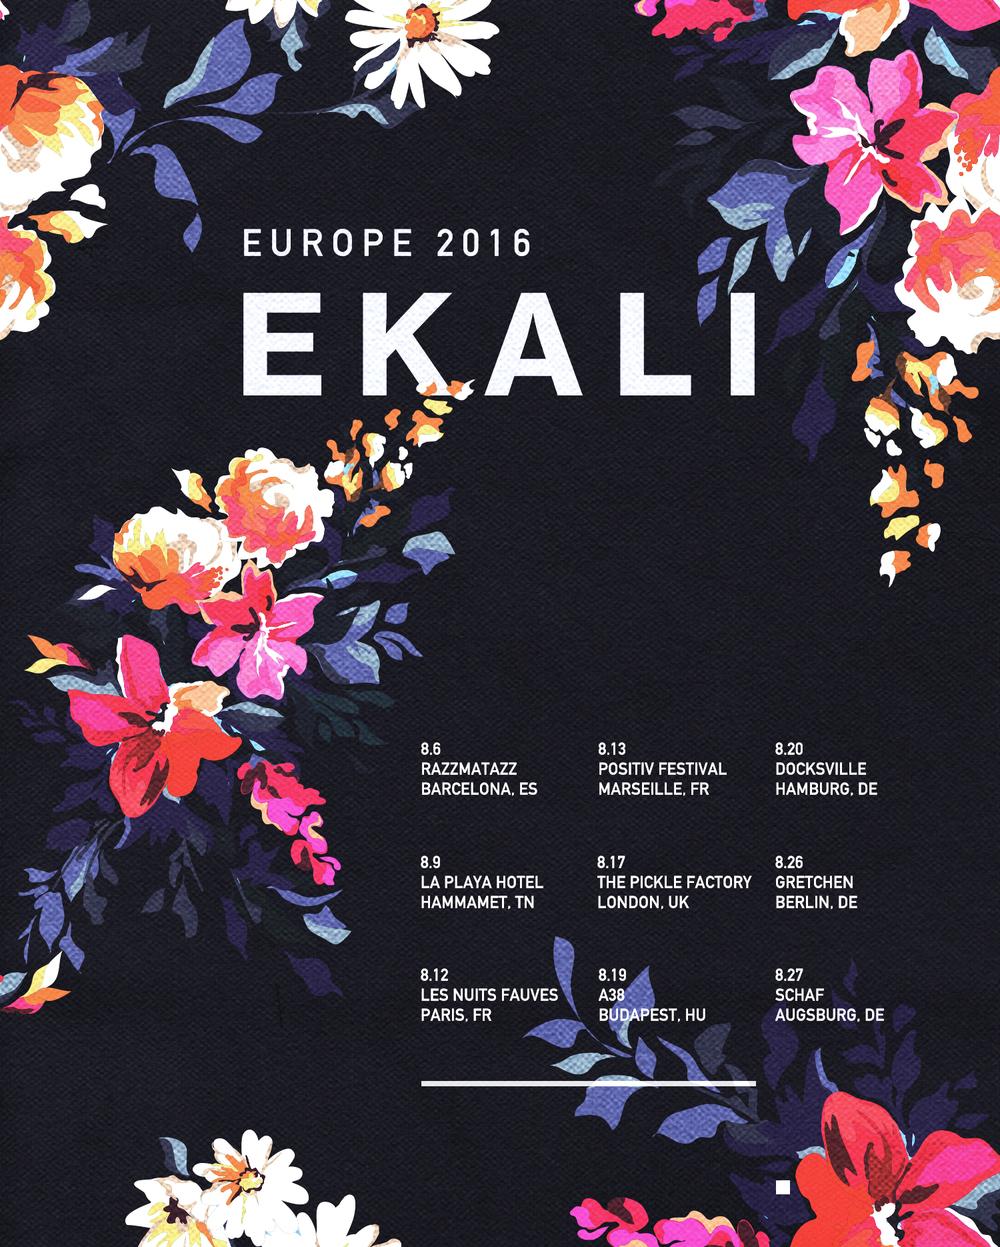 ekali-tour-poster-v6.jpg